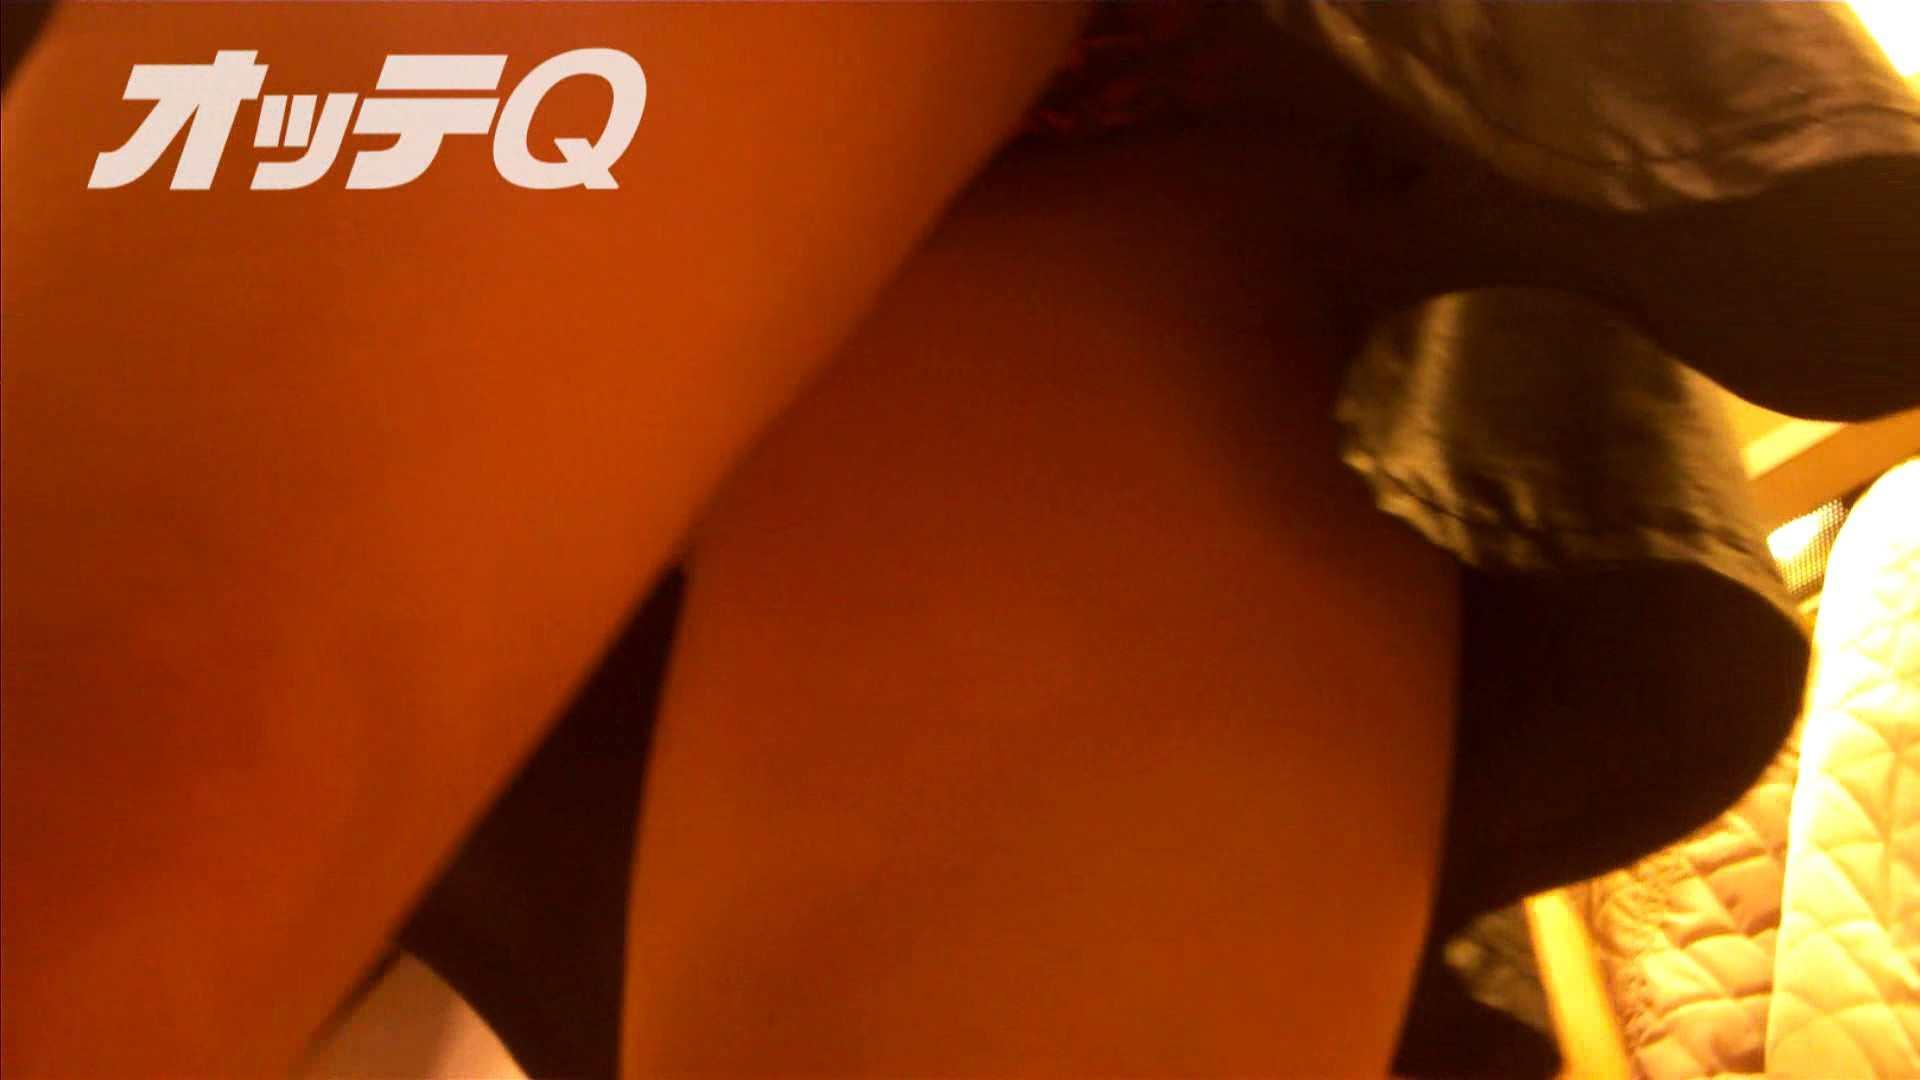 ハイビジョンパンチラ オッテQさんの追跡パンチラデパート編VOL.03 OLの裸事情 エロ無料画像 102枚 30